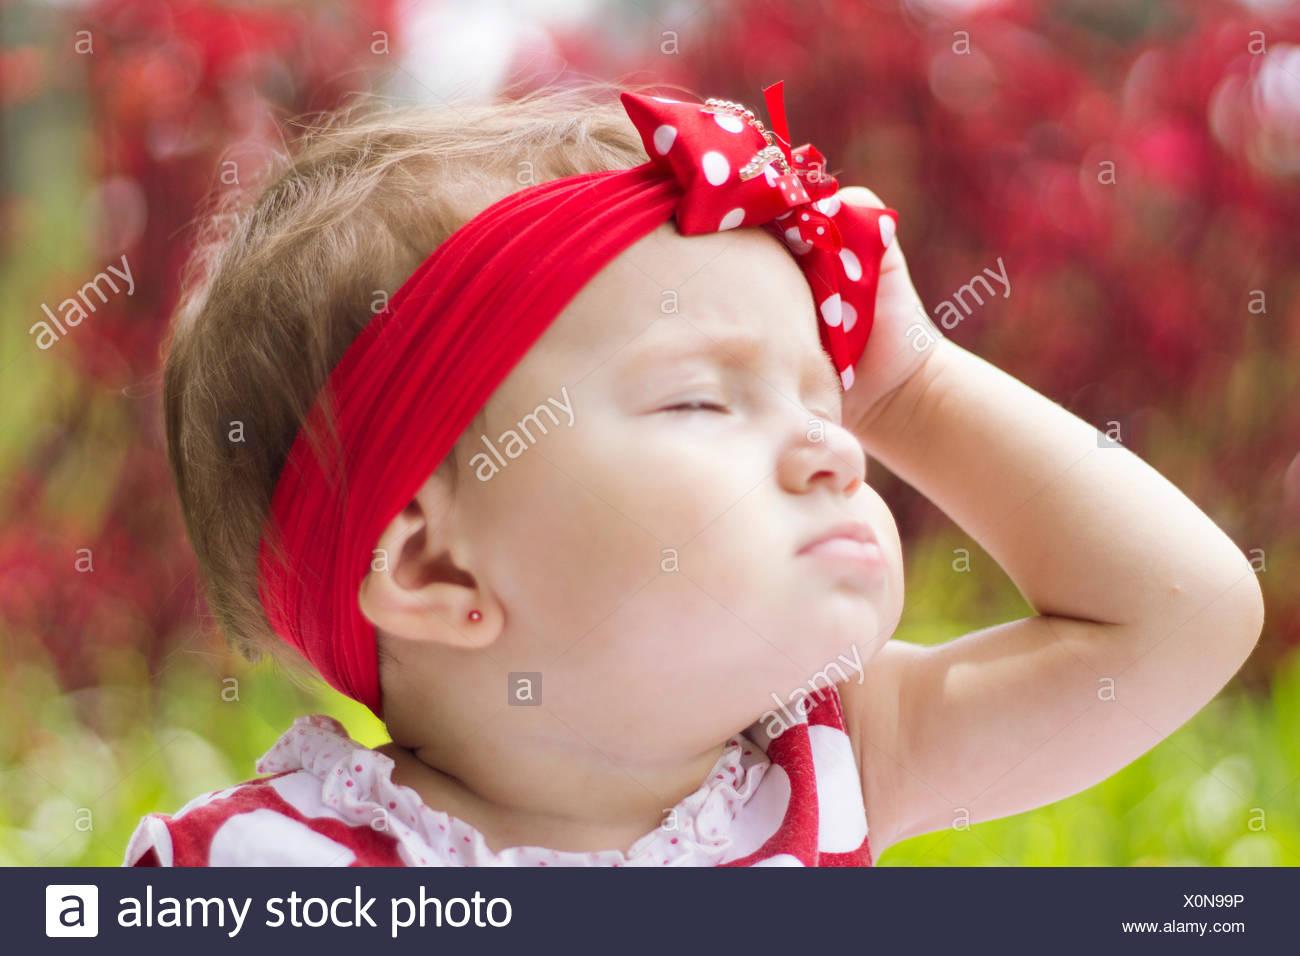 Nahaufnahme eines hübschen Mädchens mit geschlossenen Augen Stockbild